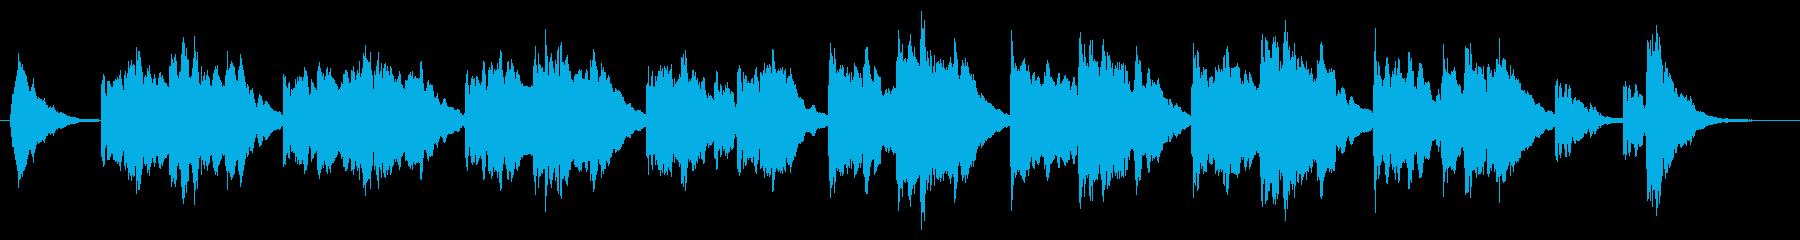 明るいイメージの間奏曲の再生済みの波形